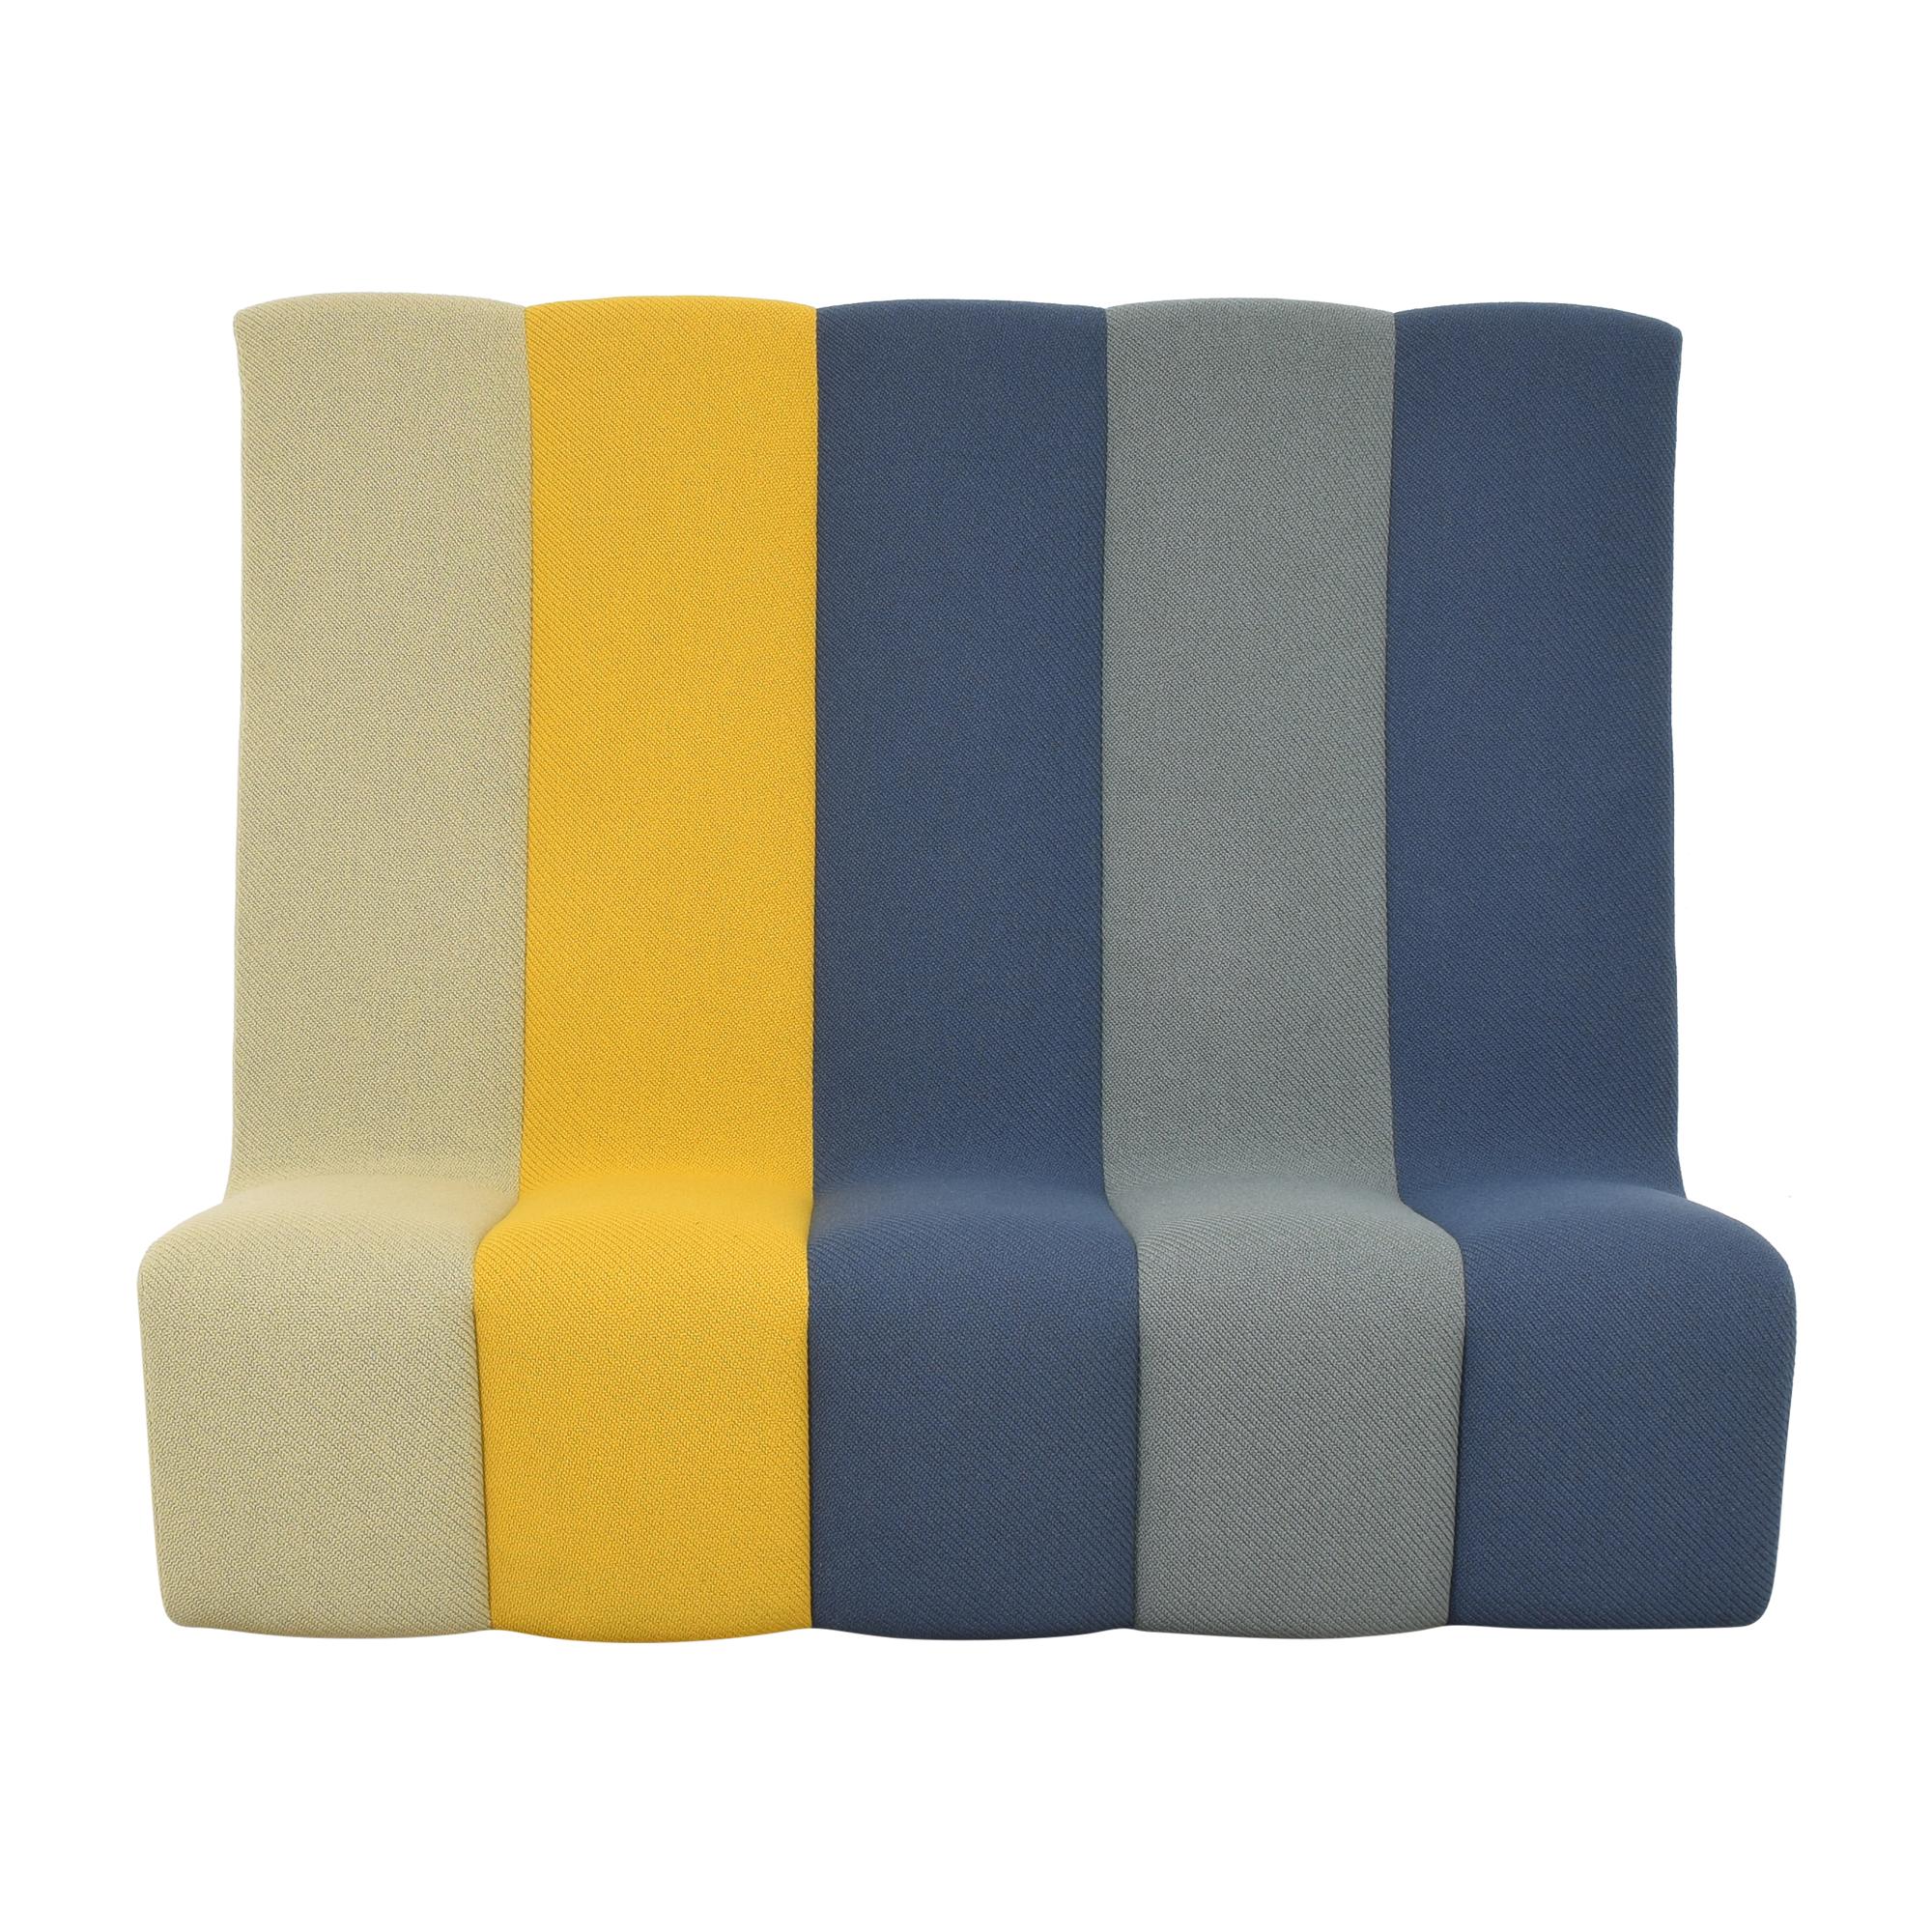 Koleksiyon Koleksiyon Dilim Tall Sofa used